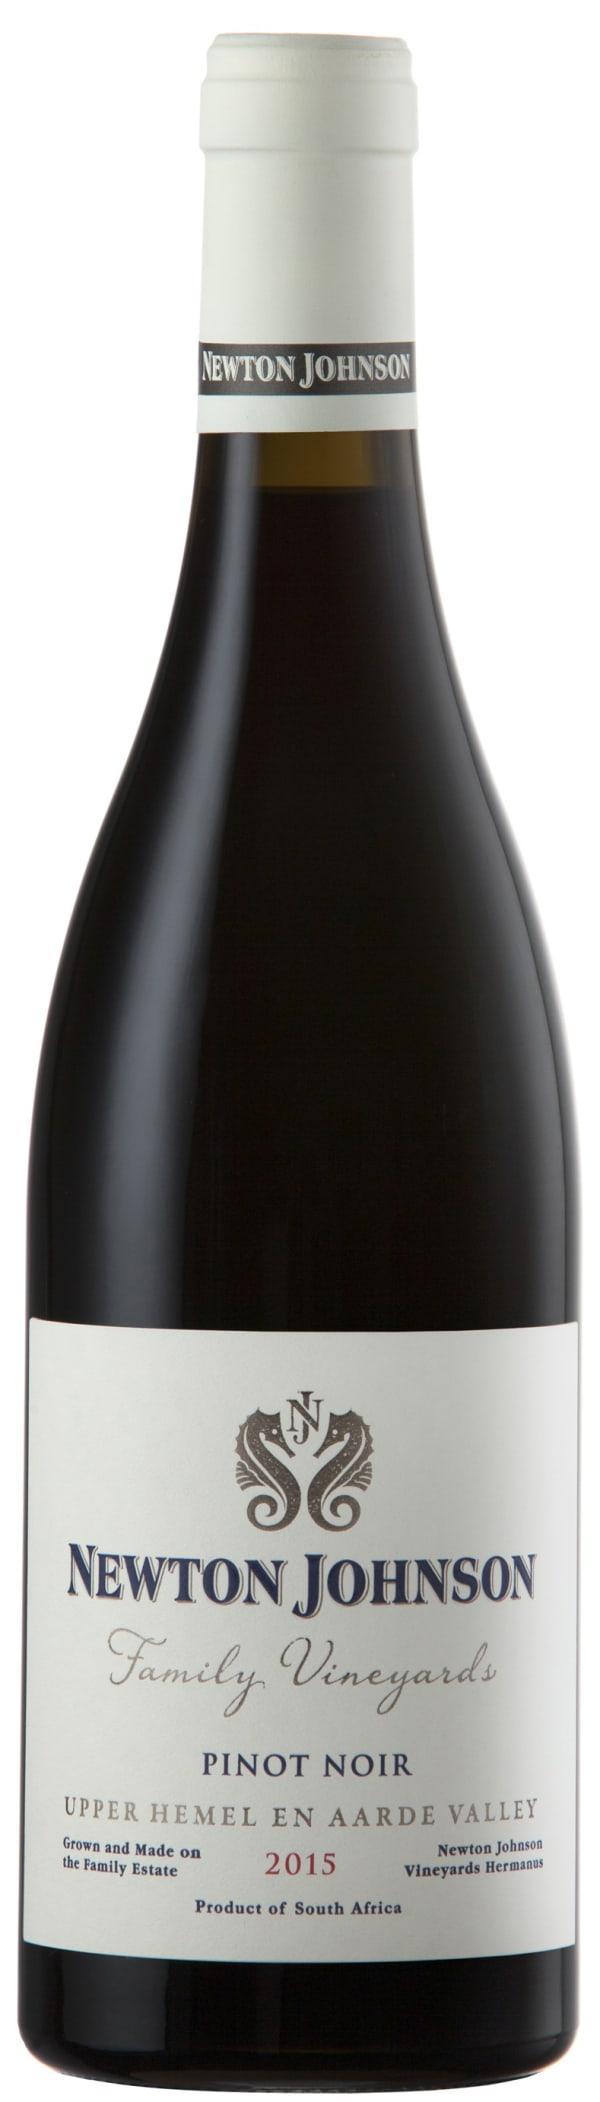 Newton Johnson Pinot Noir 2015